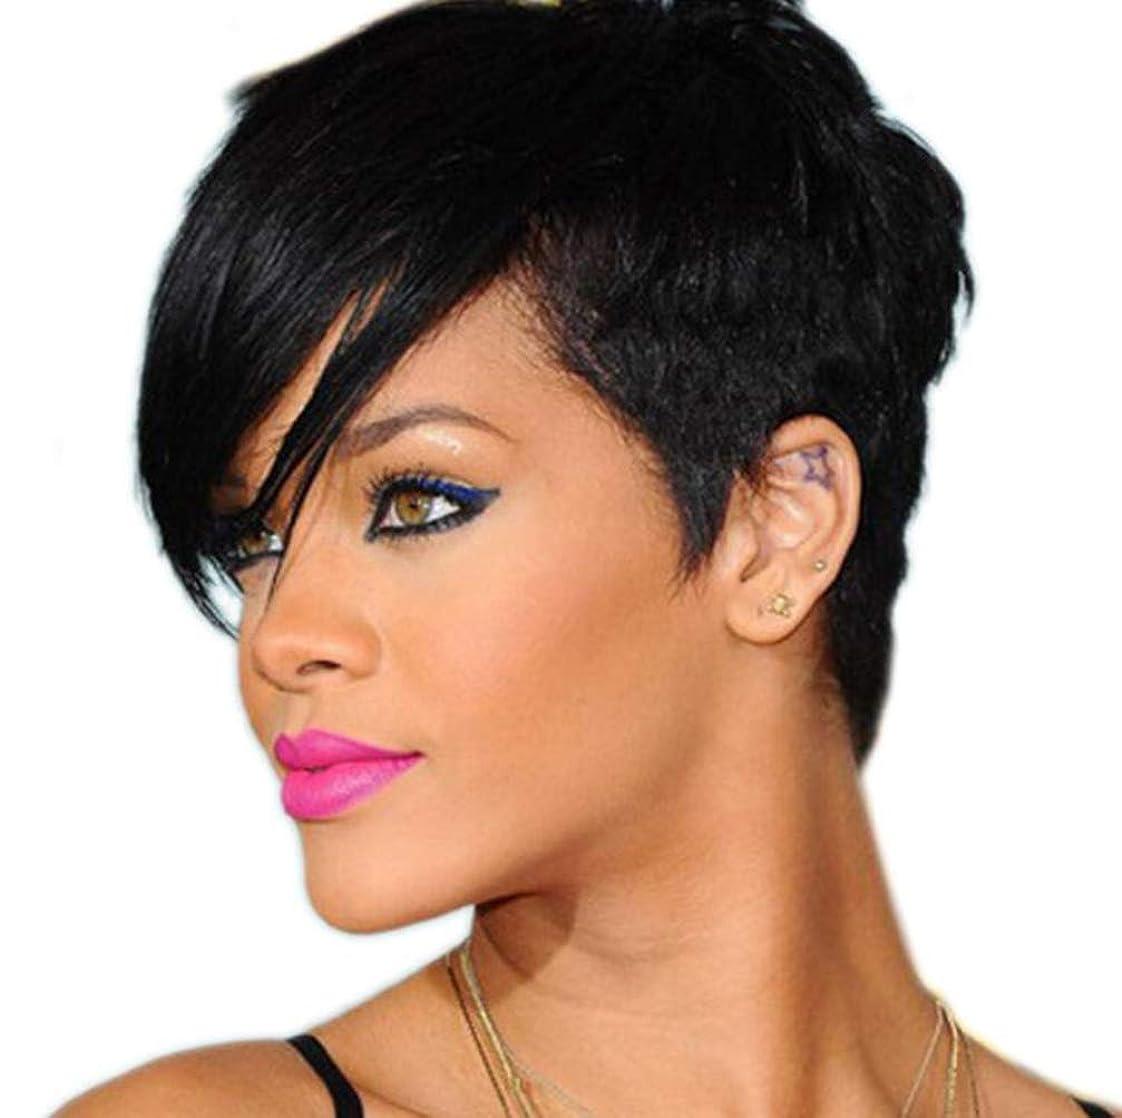 愚か分析する永久かつら髪ファッション耐熱性合成女性のショートストレート黒髪は本物の髪